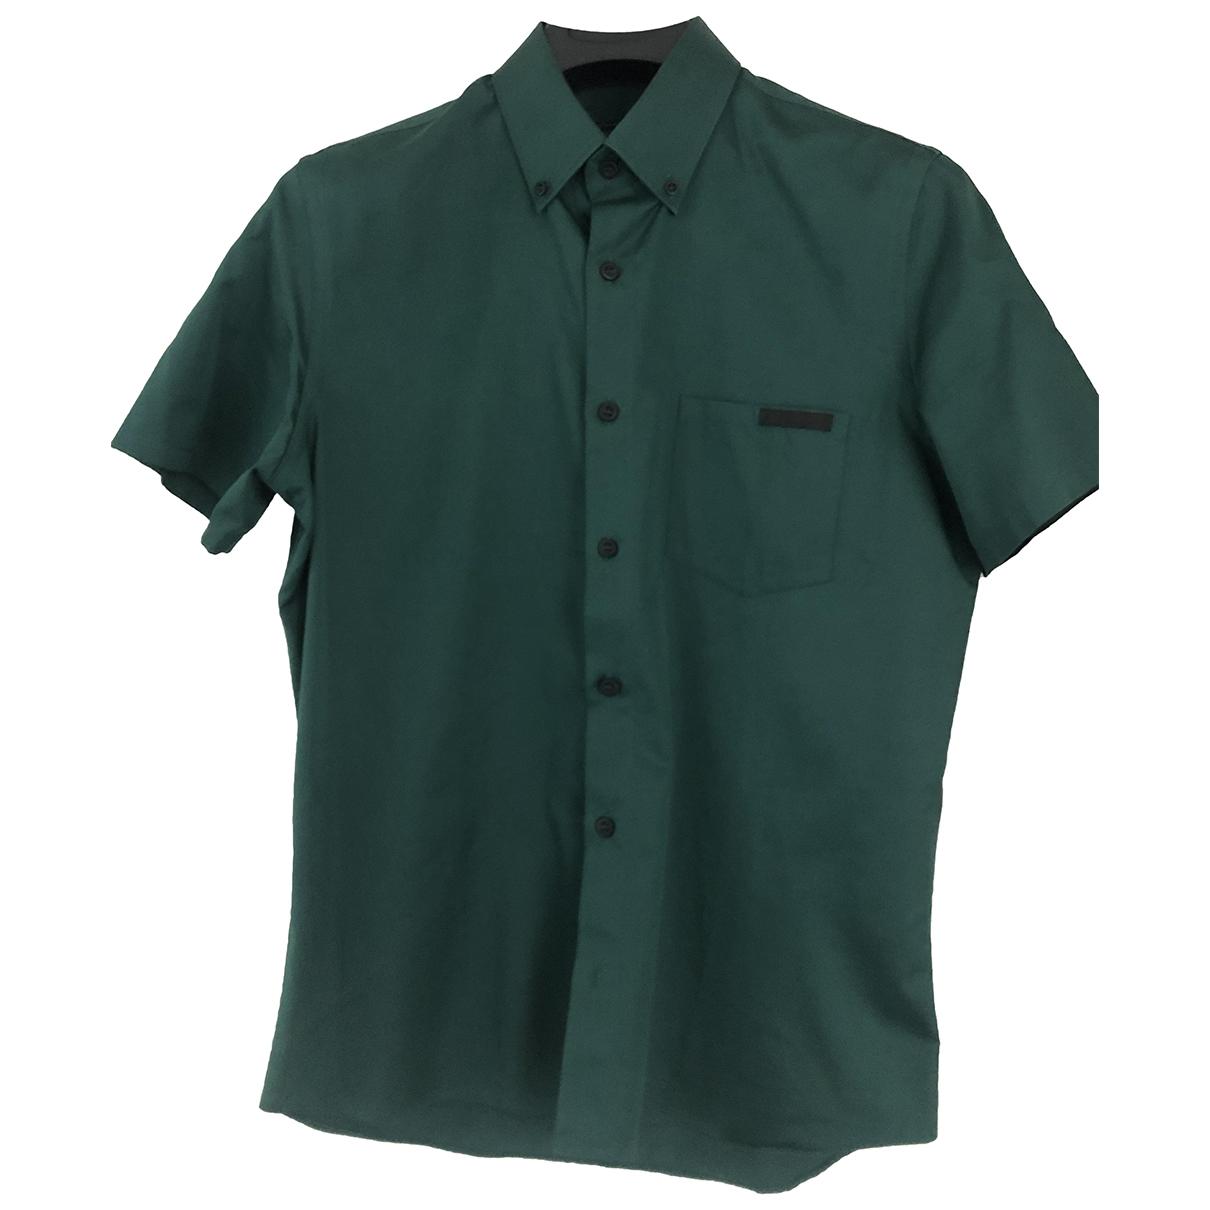 Prada \N Green Cotton Shirts for Men 40 EU (tour de cou / collar)